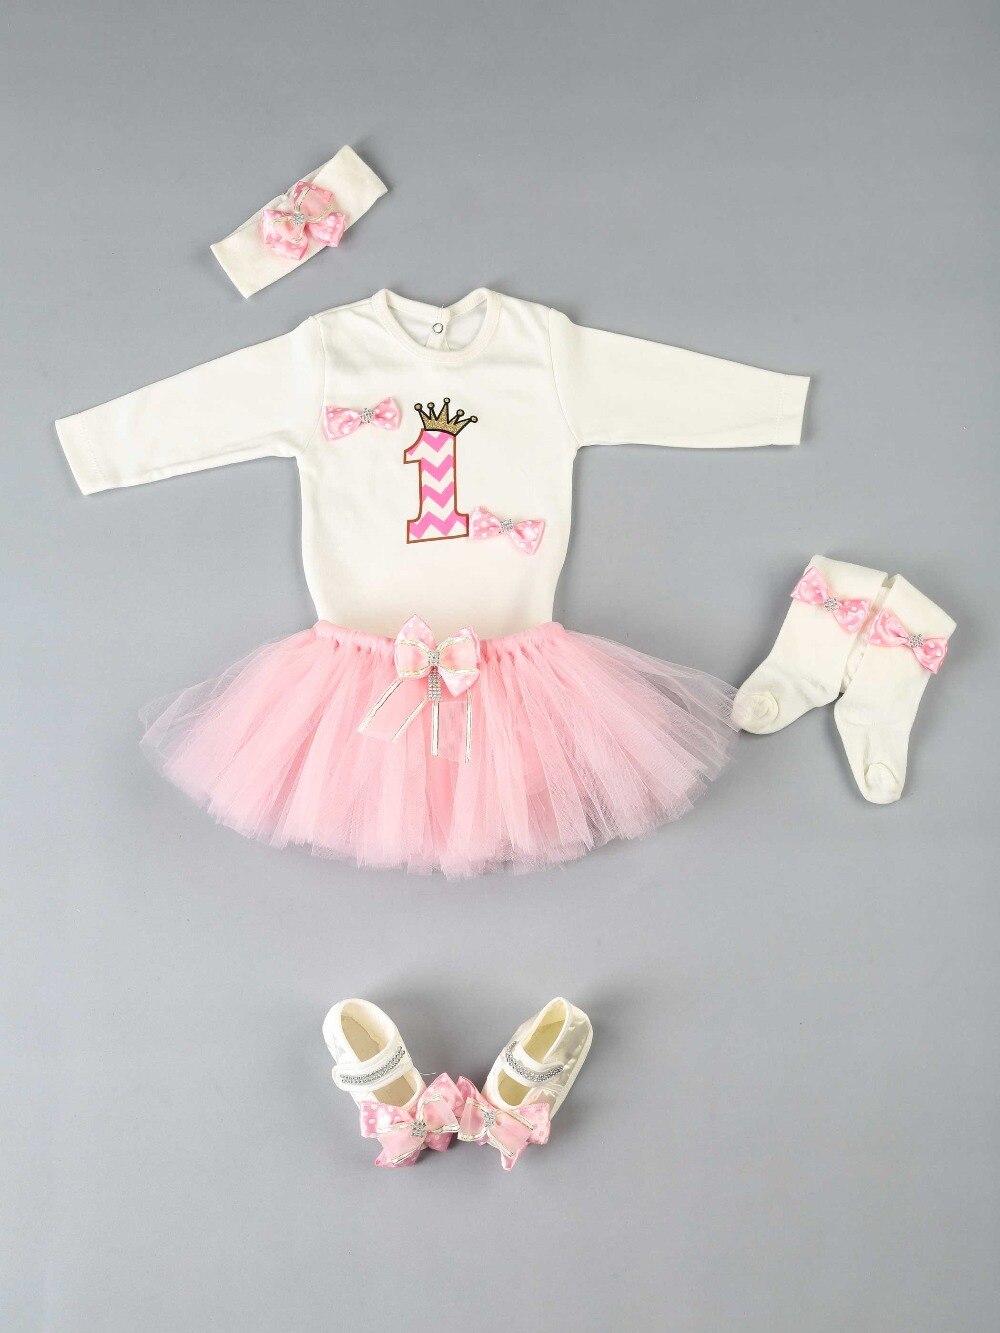 083-1101-021 Pembe 1 Yaş Kız Bebek Tütü Takım (2)